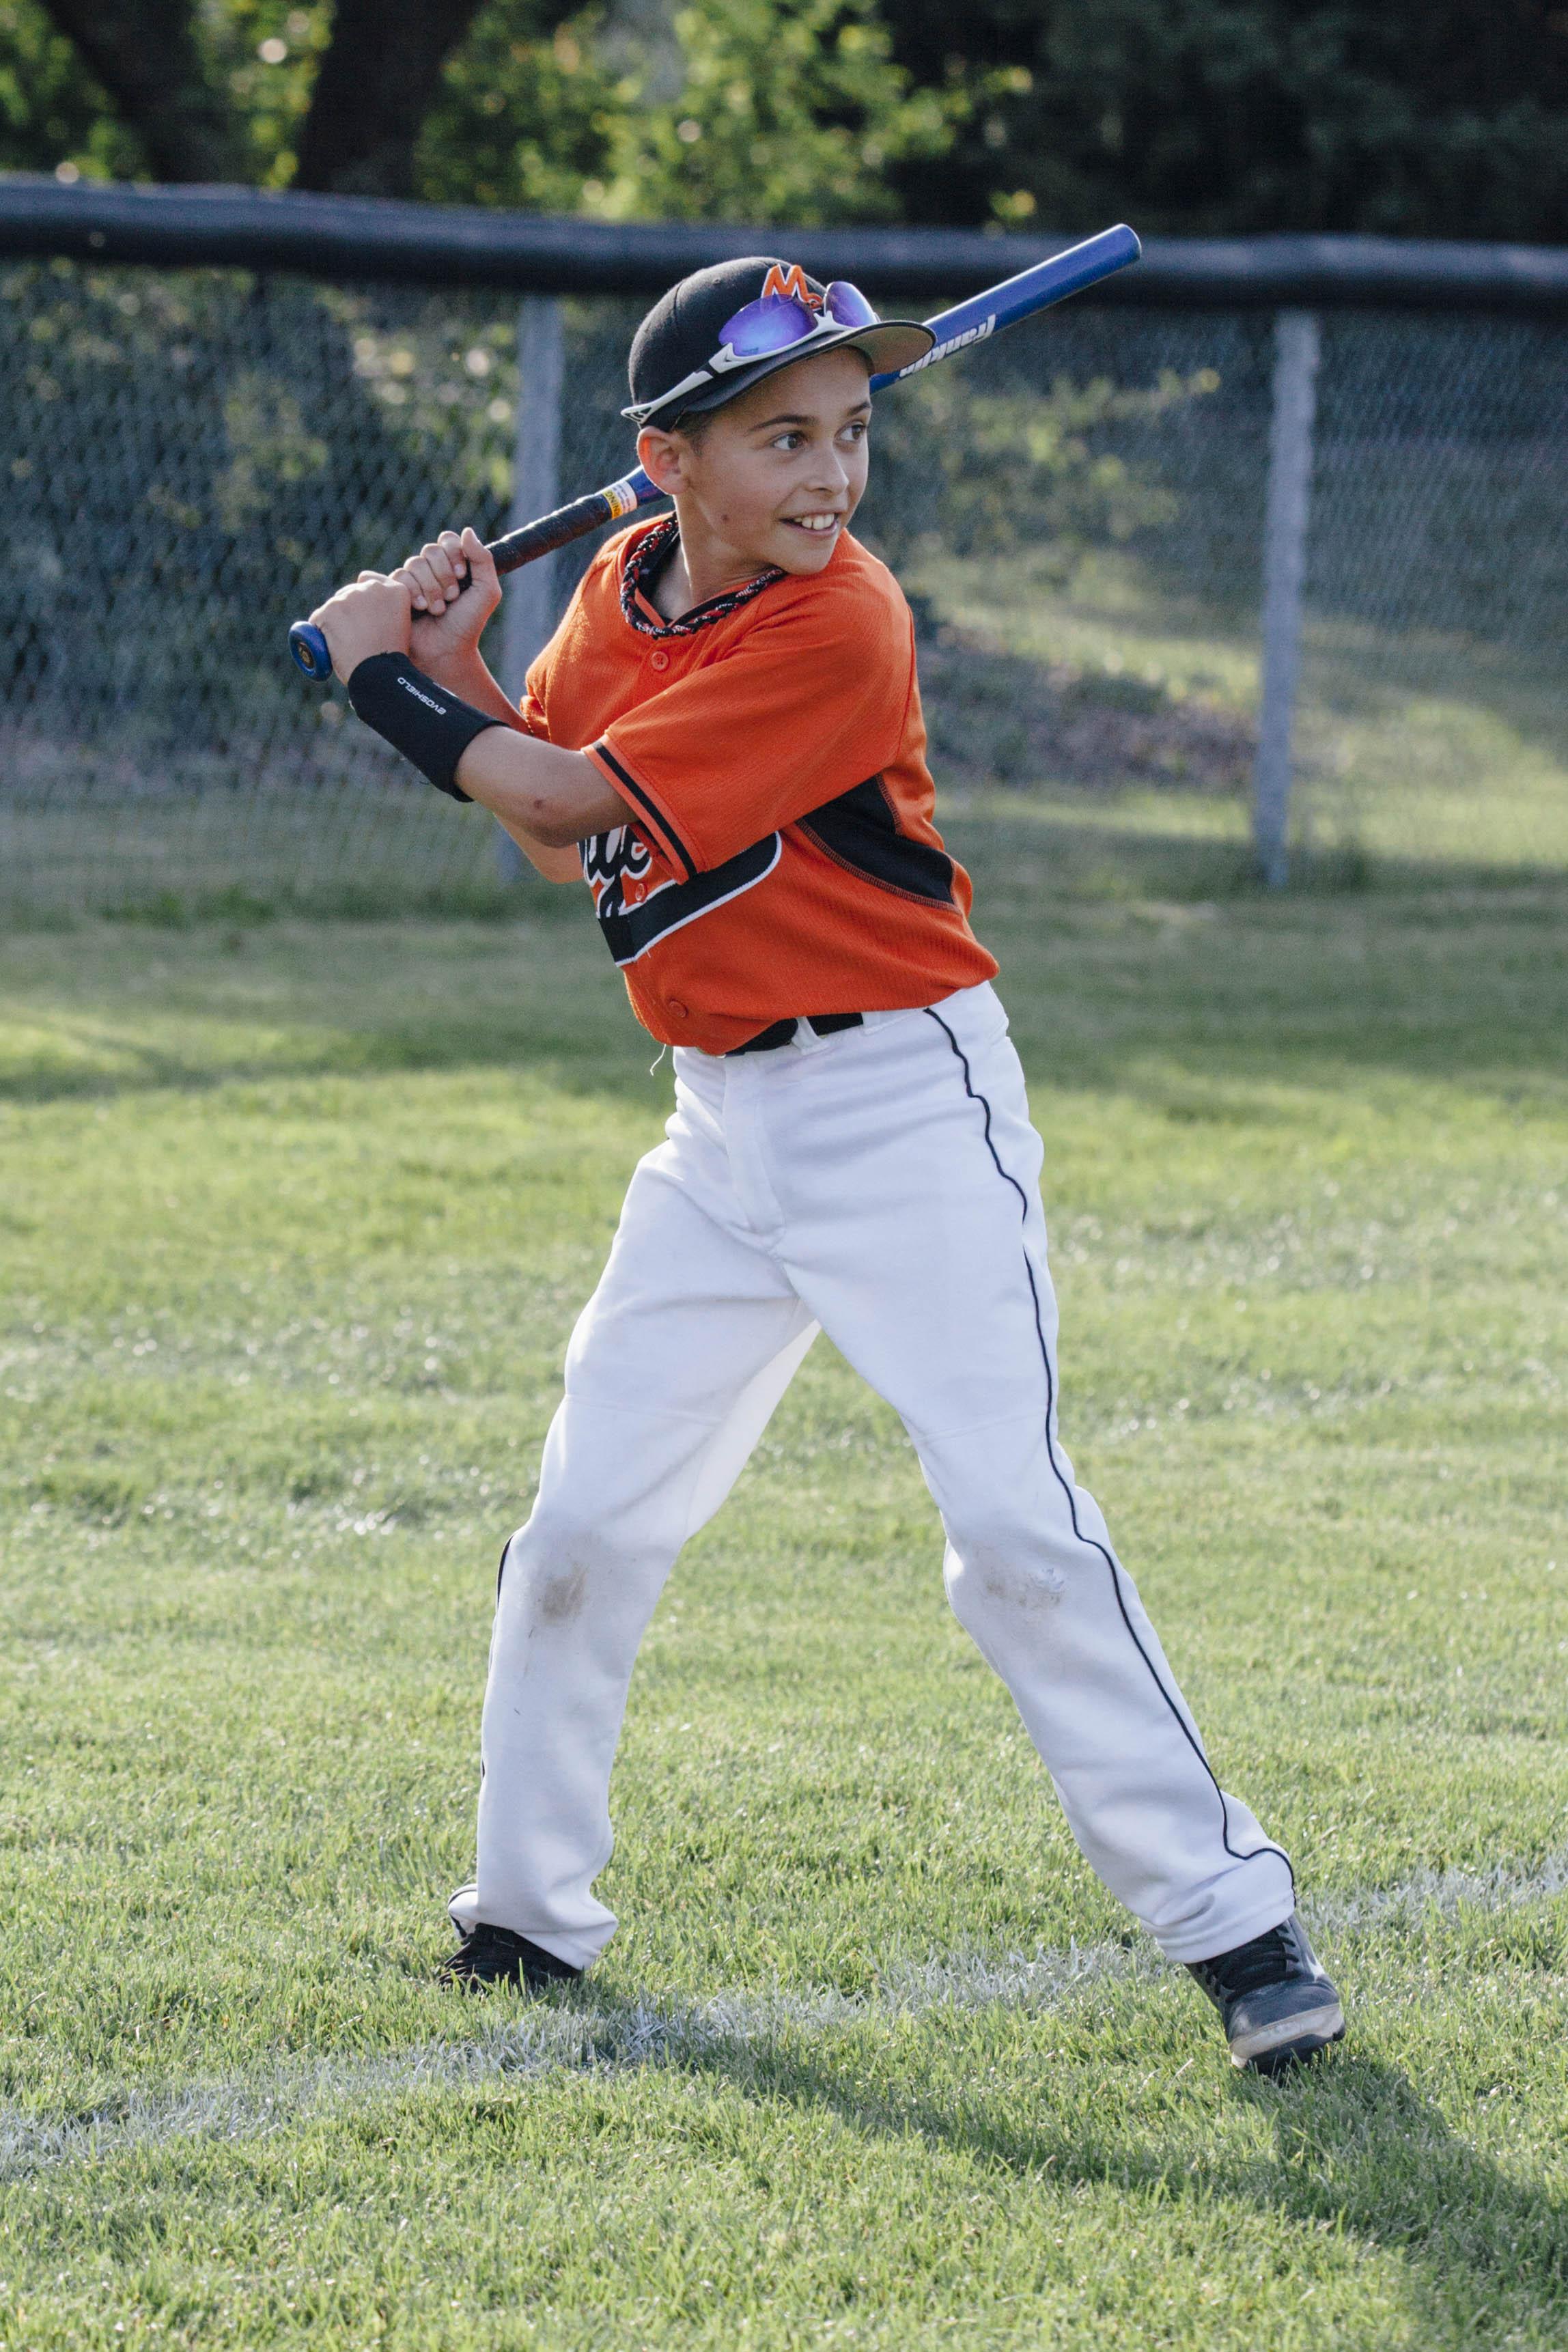 vsco edit baseball photos-22.jpg